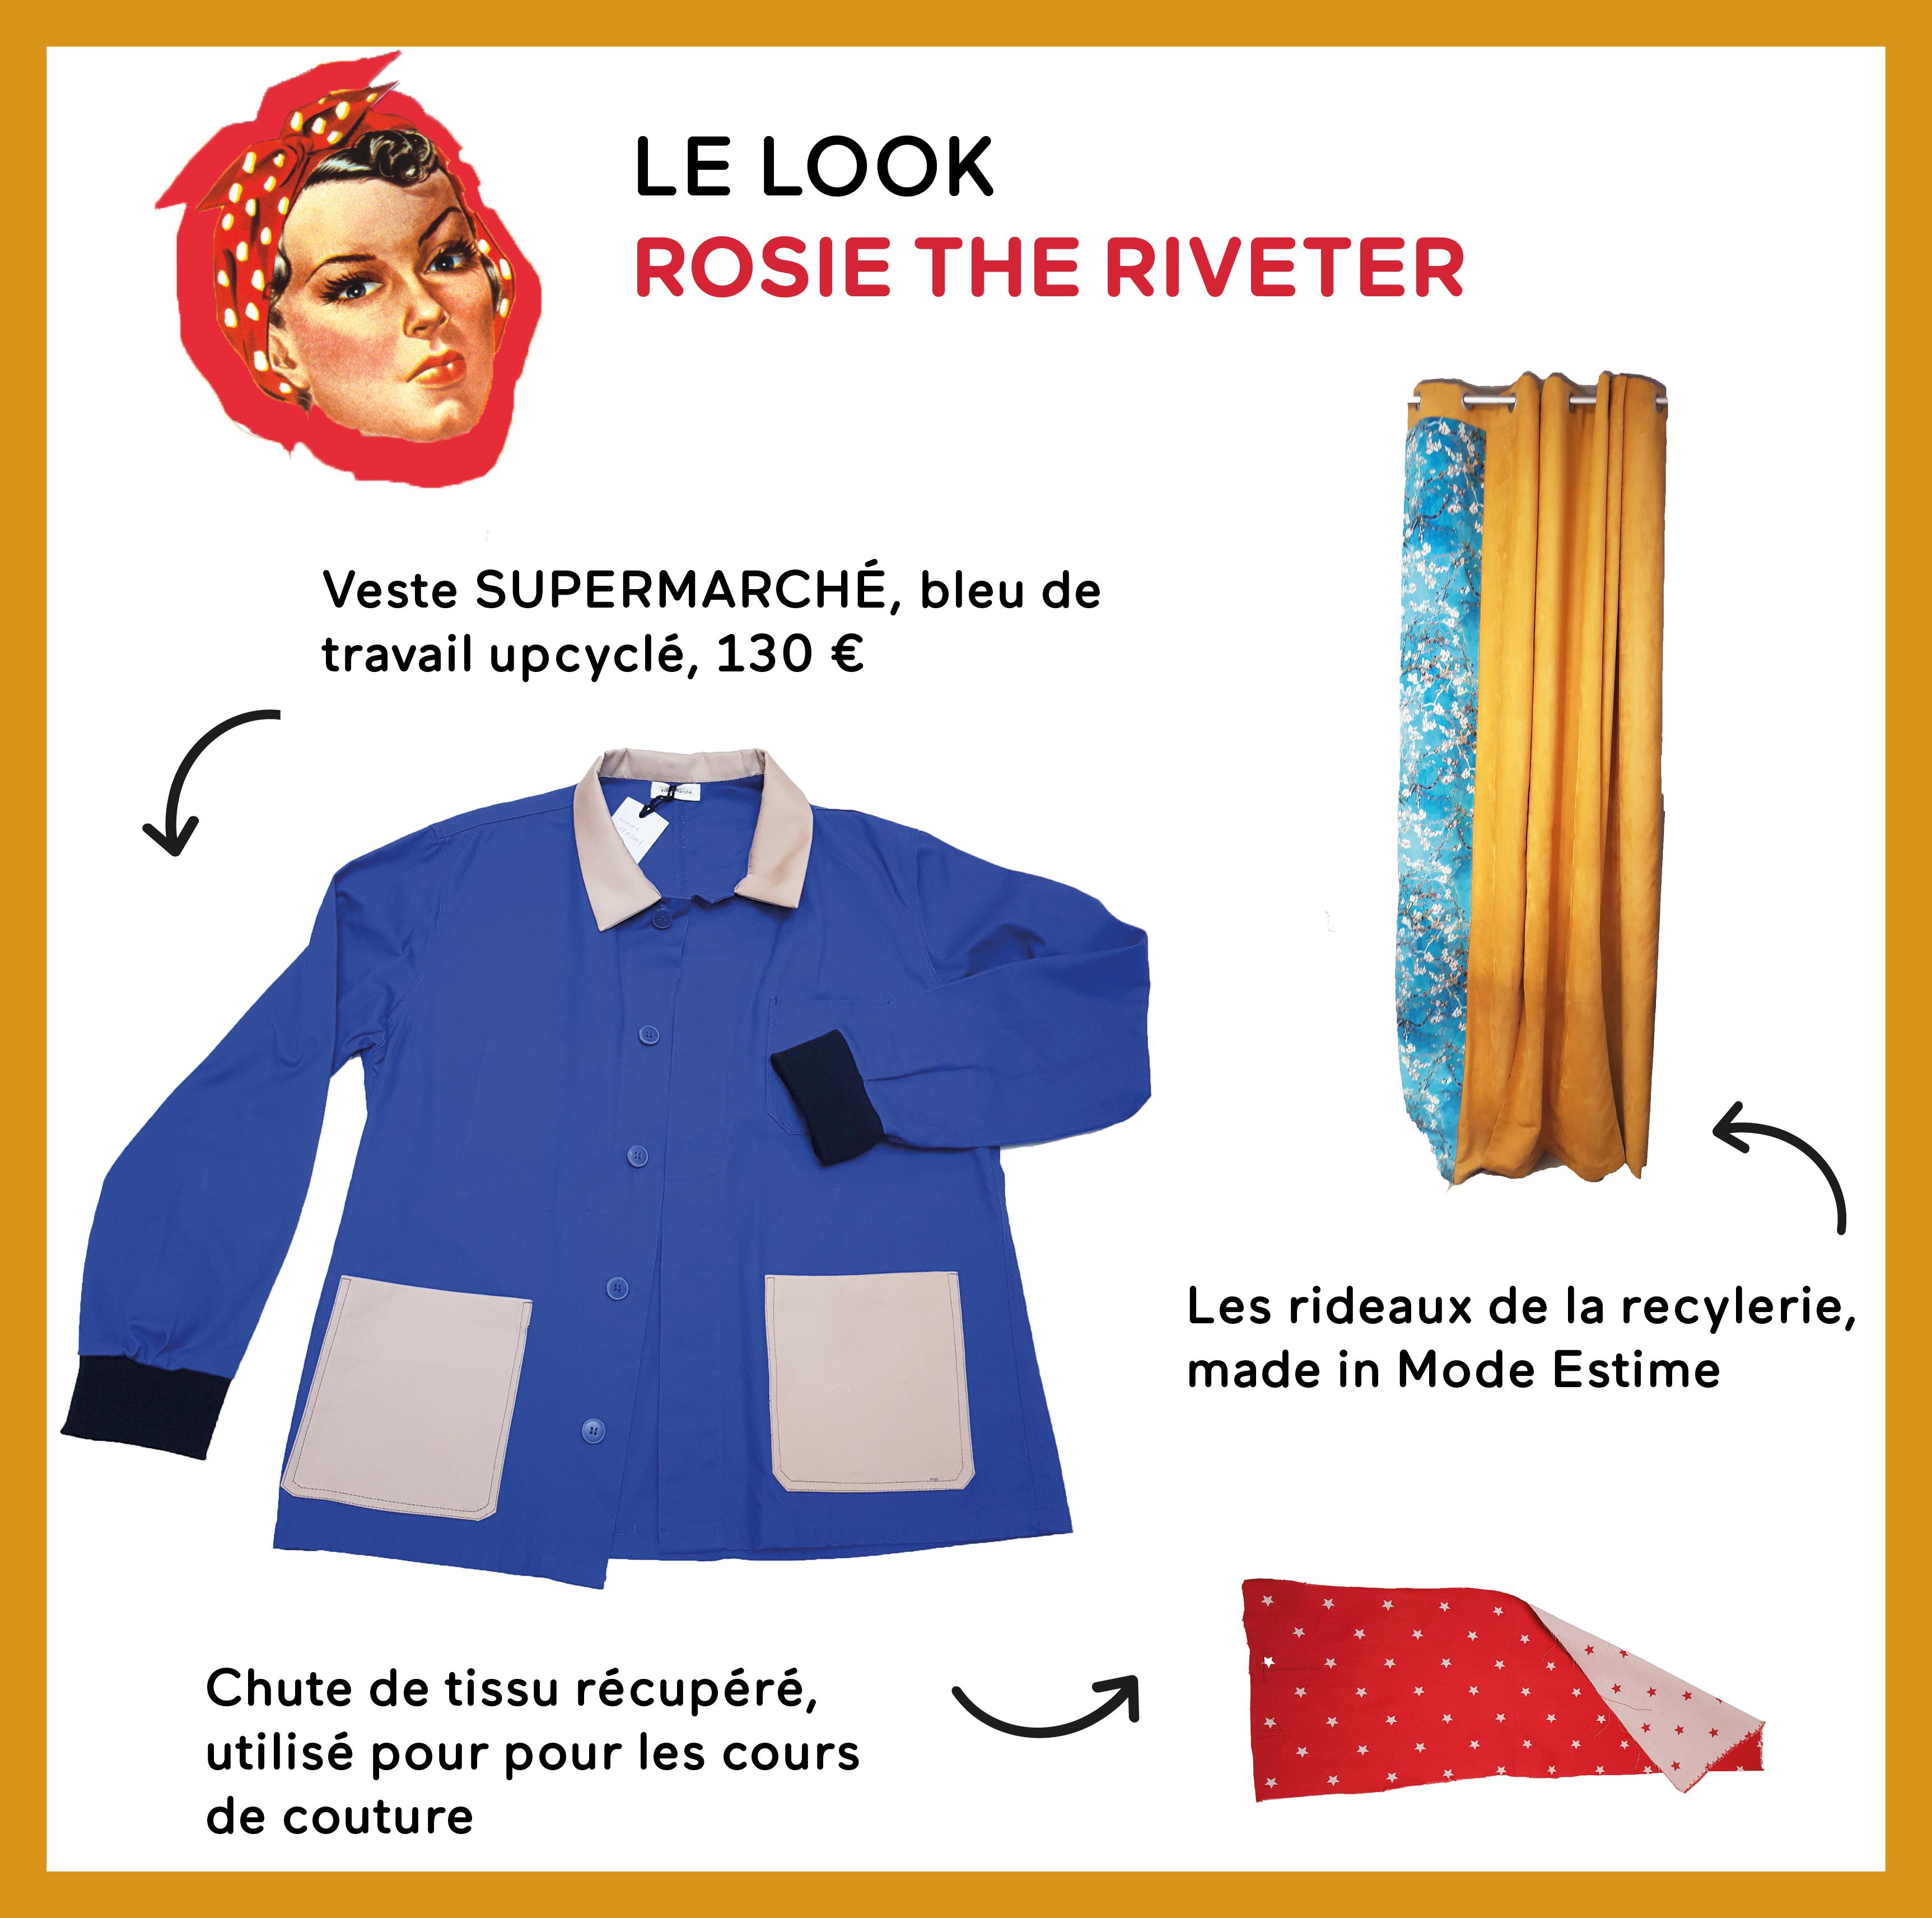 Le Look ROSIE THE RIVETER